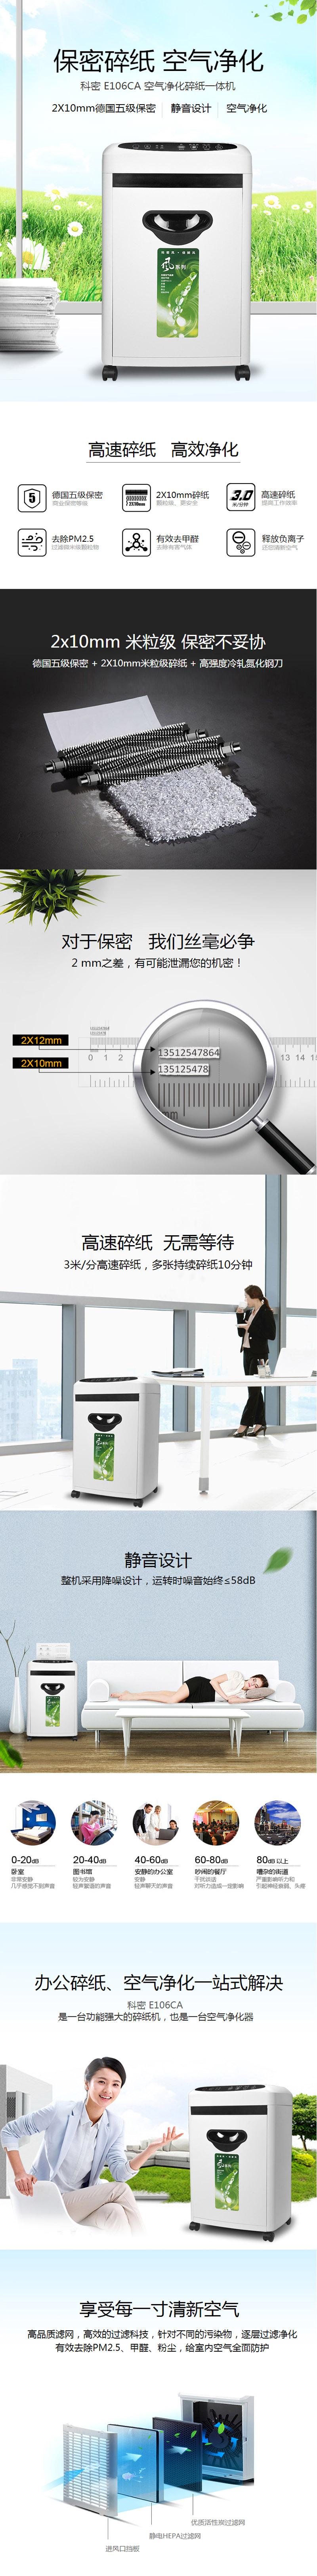 科密 E106CA 多功能跟空气净化器 碎纸机一体机 办公/家用/个人高保密碎纸机